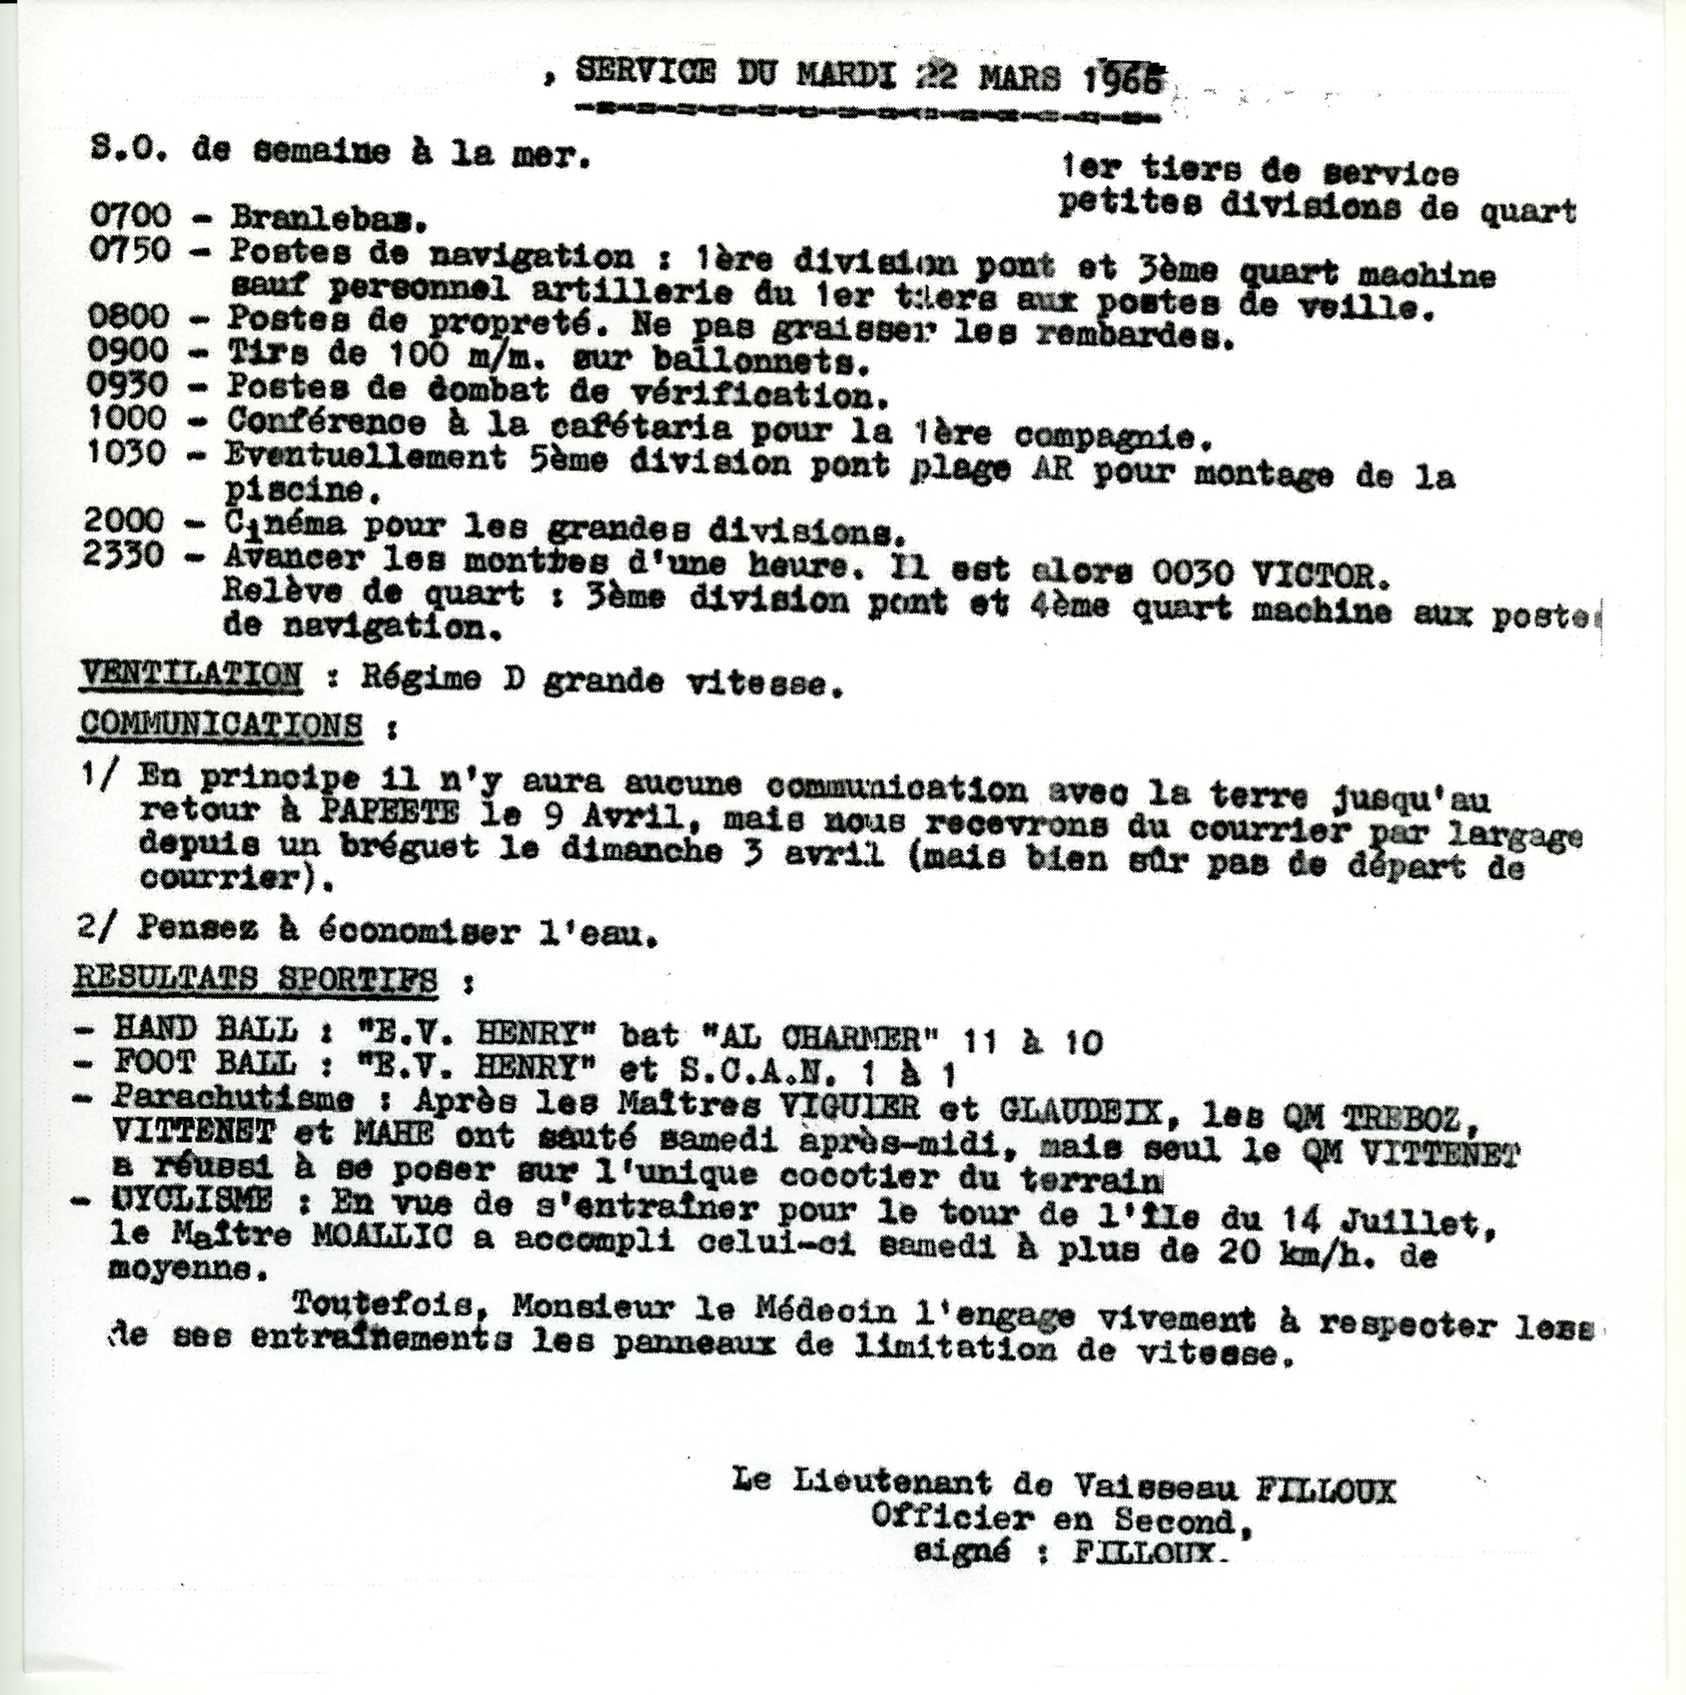 notedeservicedu22mars1966.jpg